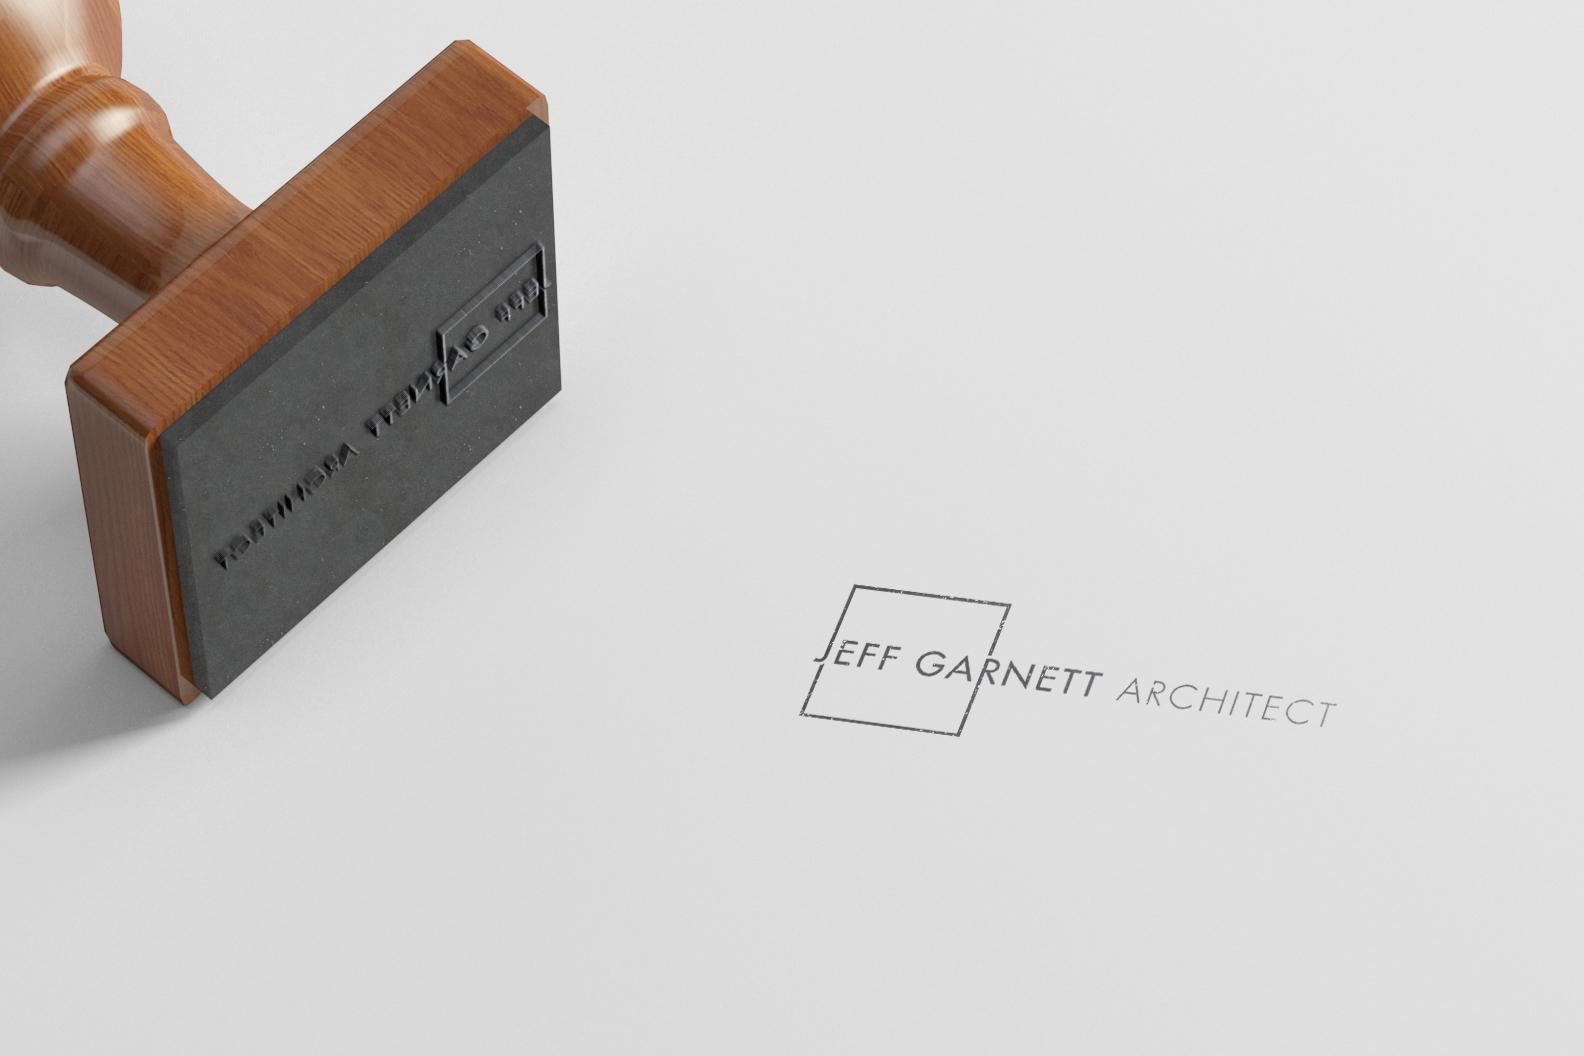 JEFF GARNETT ARCHITECT__STAMPED.jpg